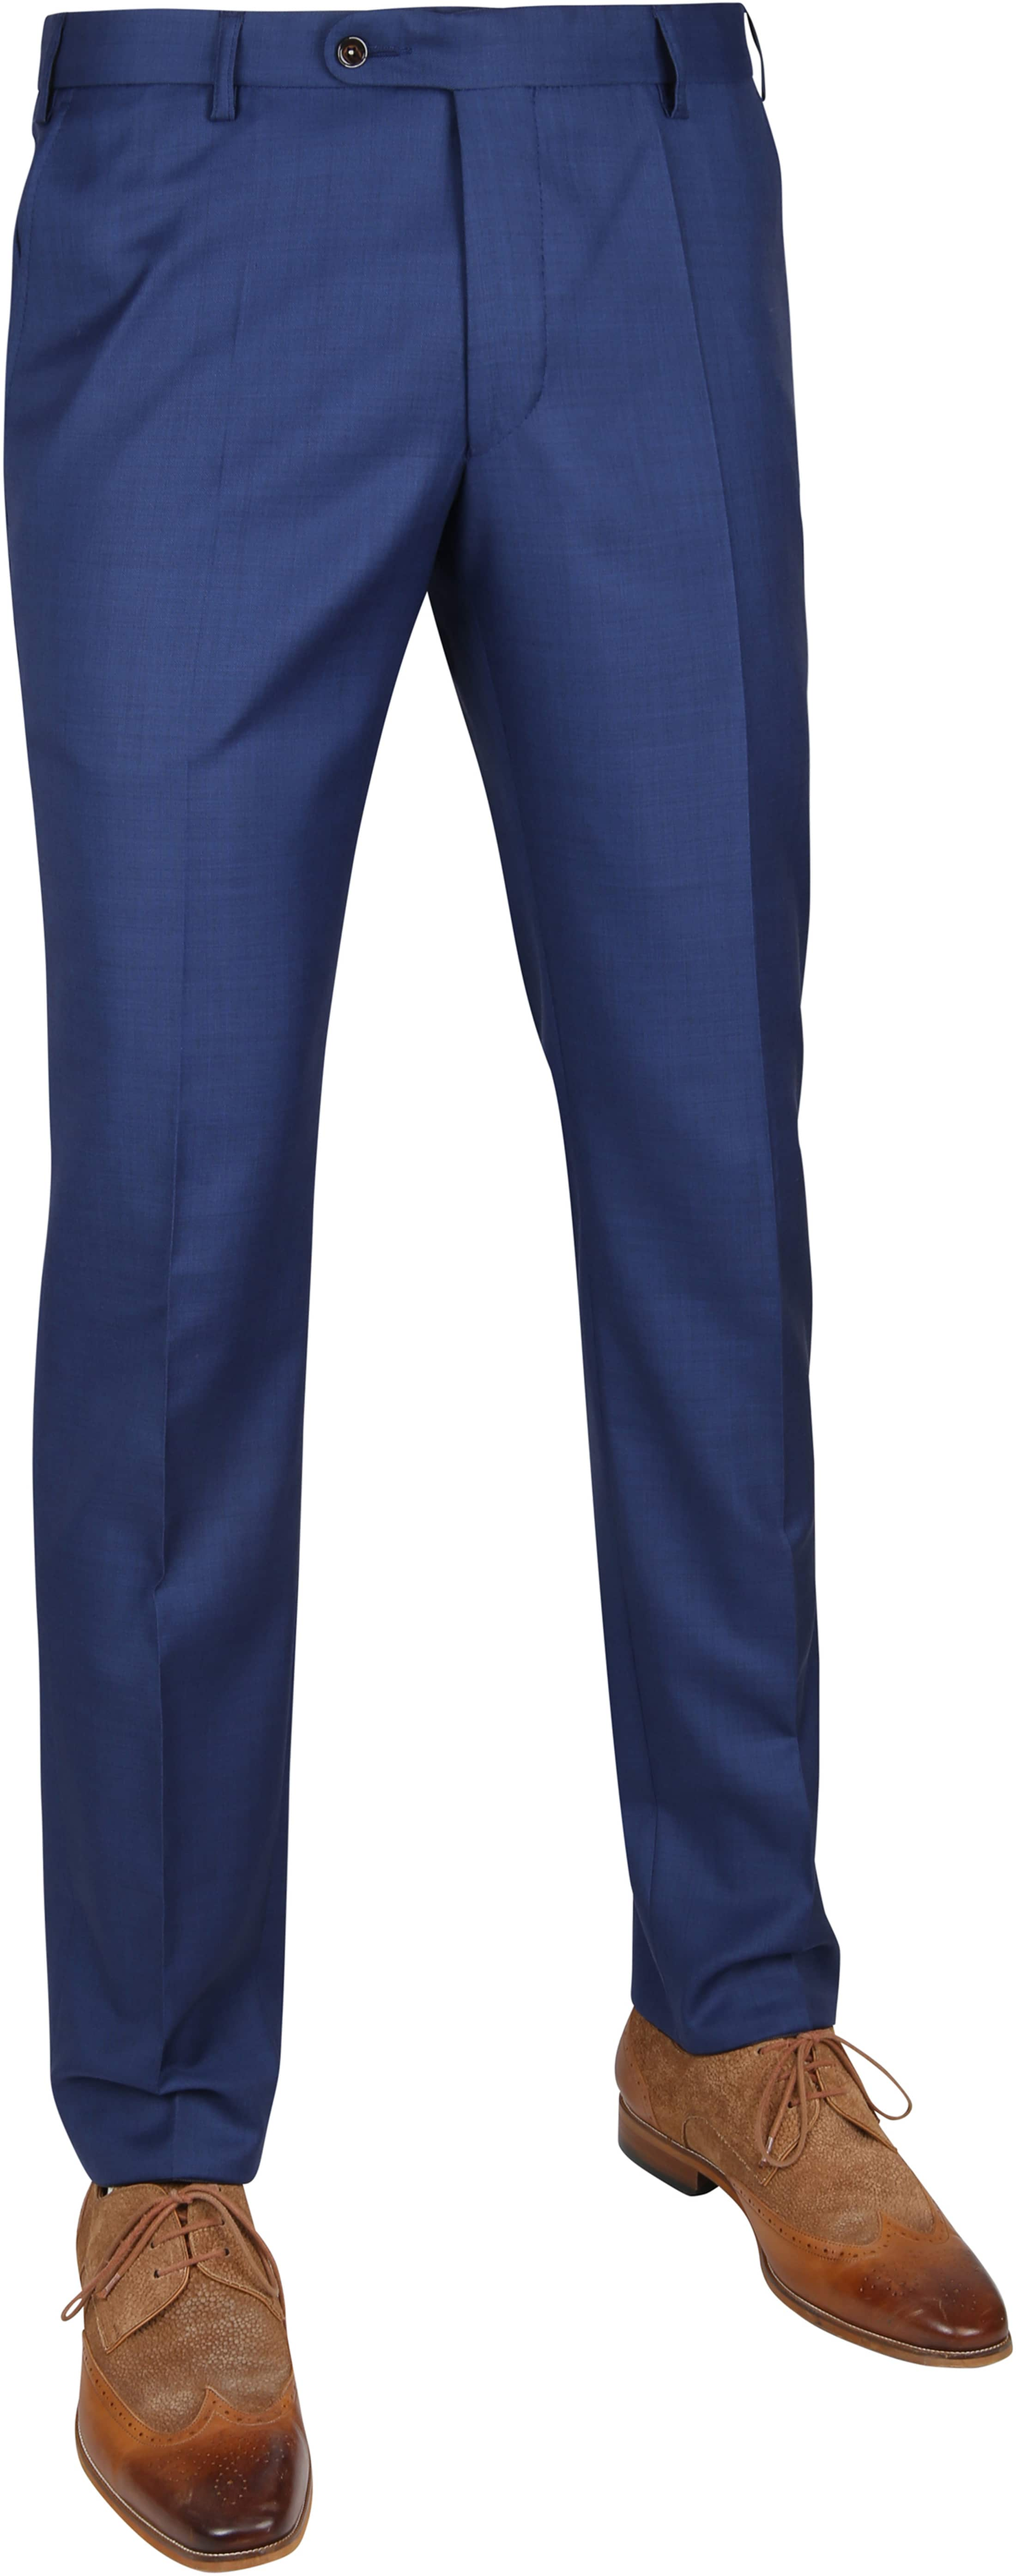 Suitable Pantalon Evans Blau Foto 0